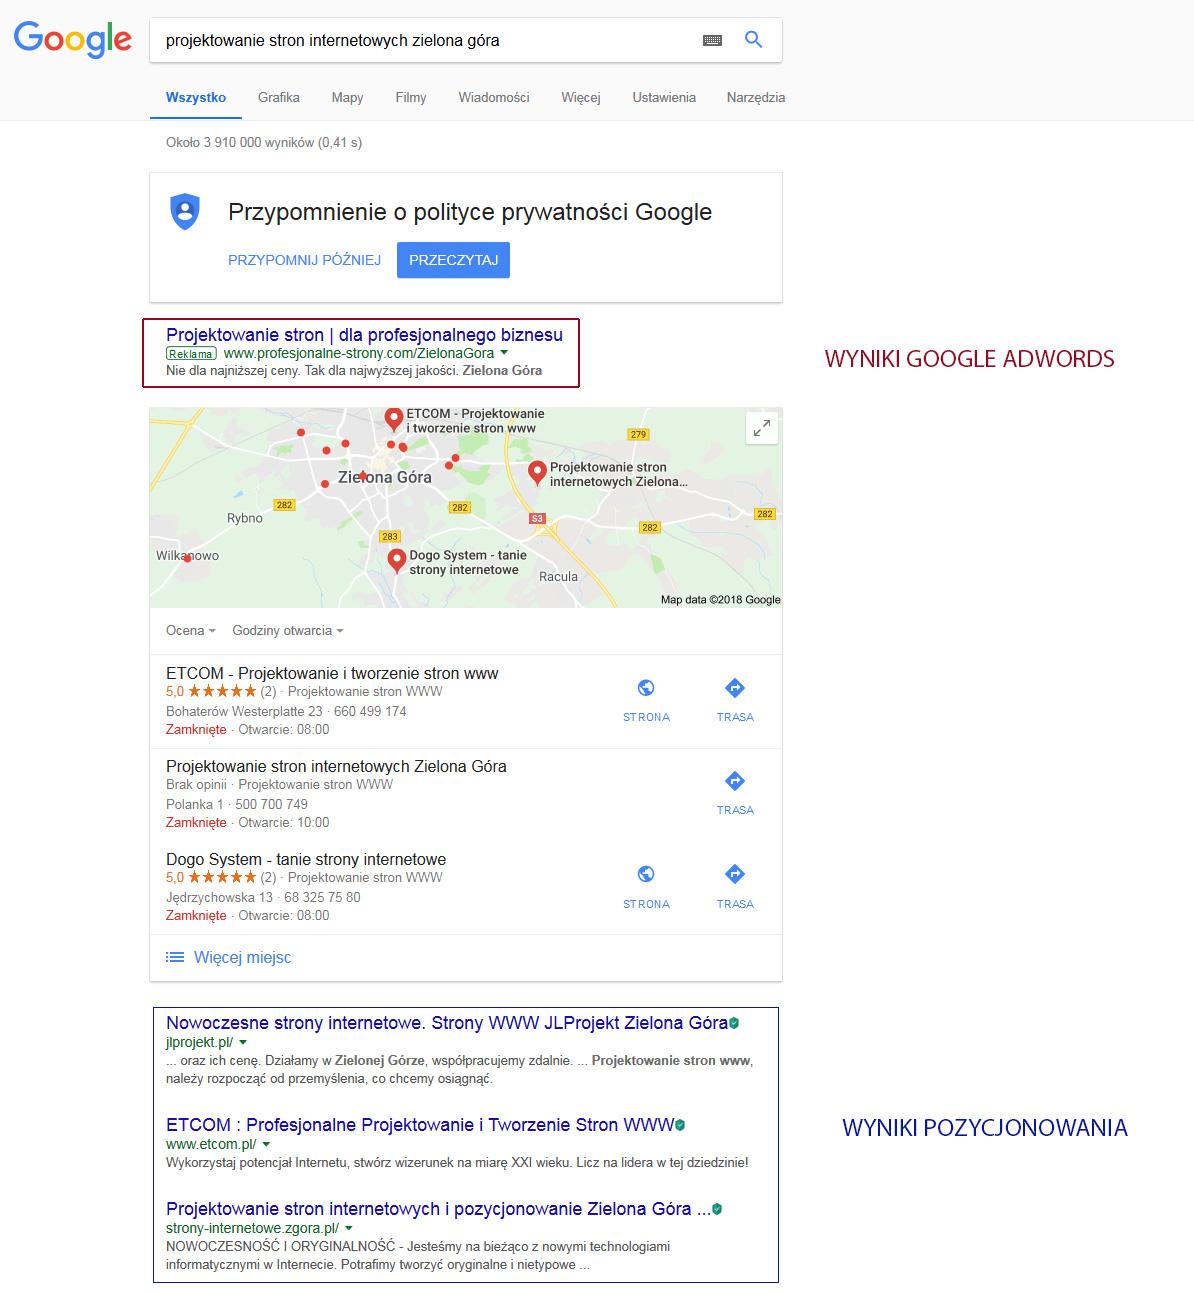 różnica pomiędzy pozyconowaniem a google adwords